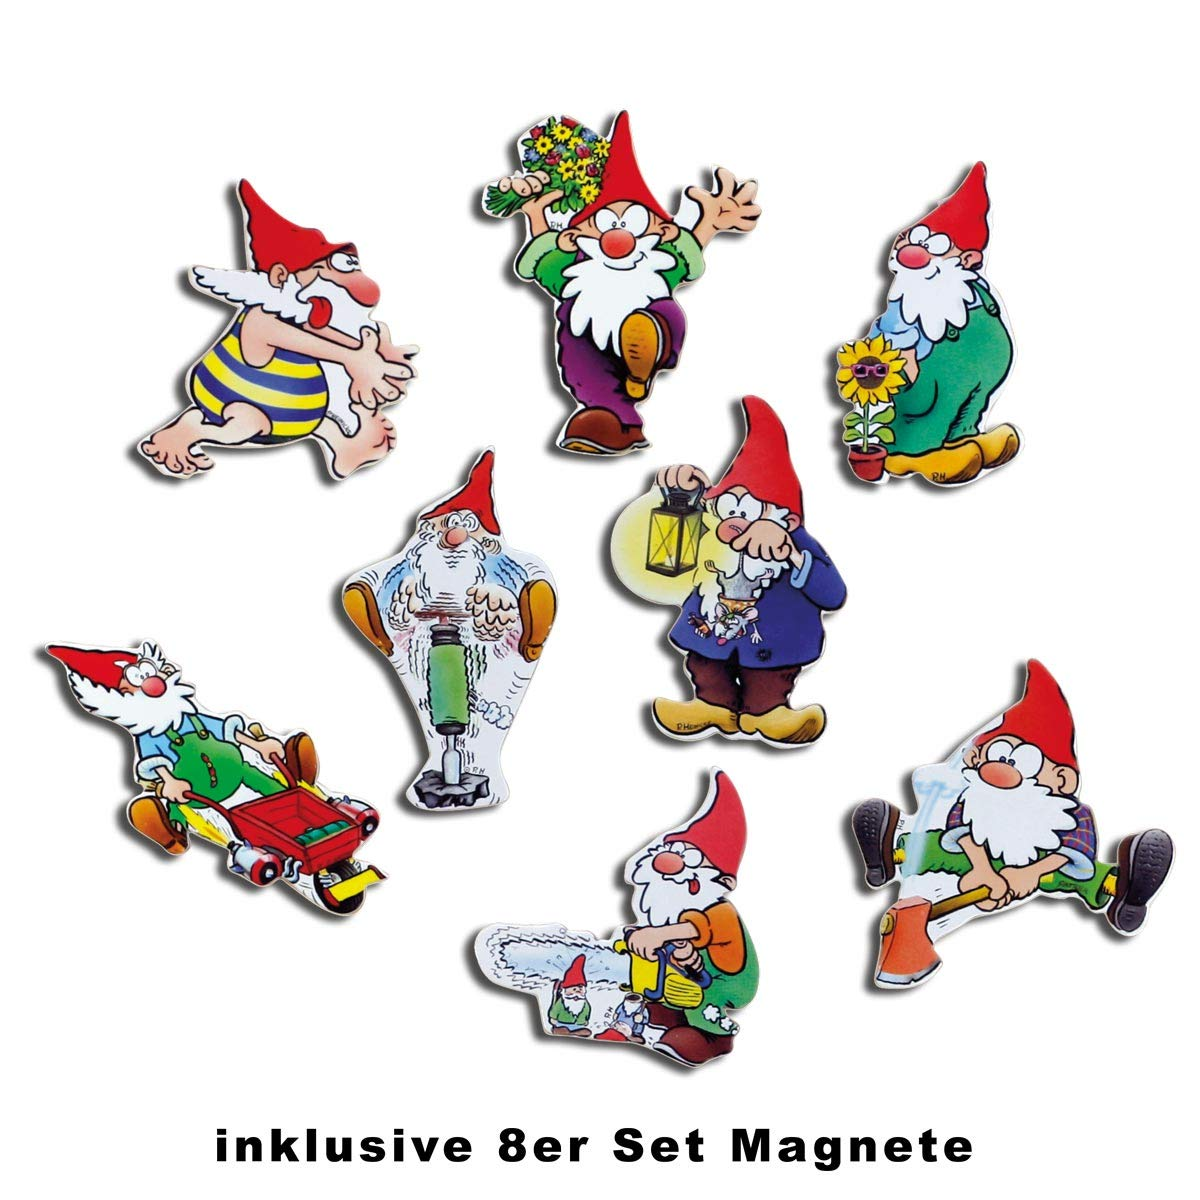 Amazon.de: Magnetisches Memoboard Retro Garten mit Magnete Zwerge ...